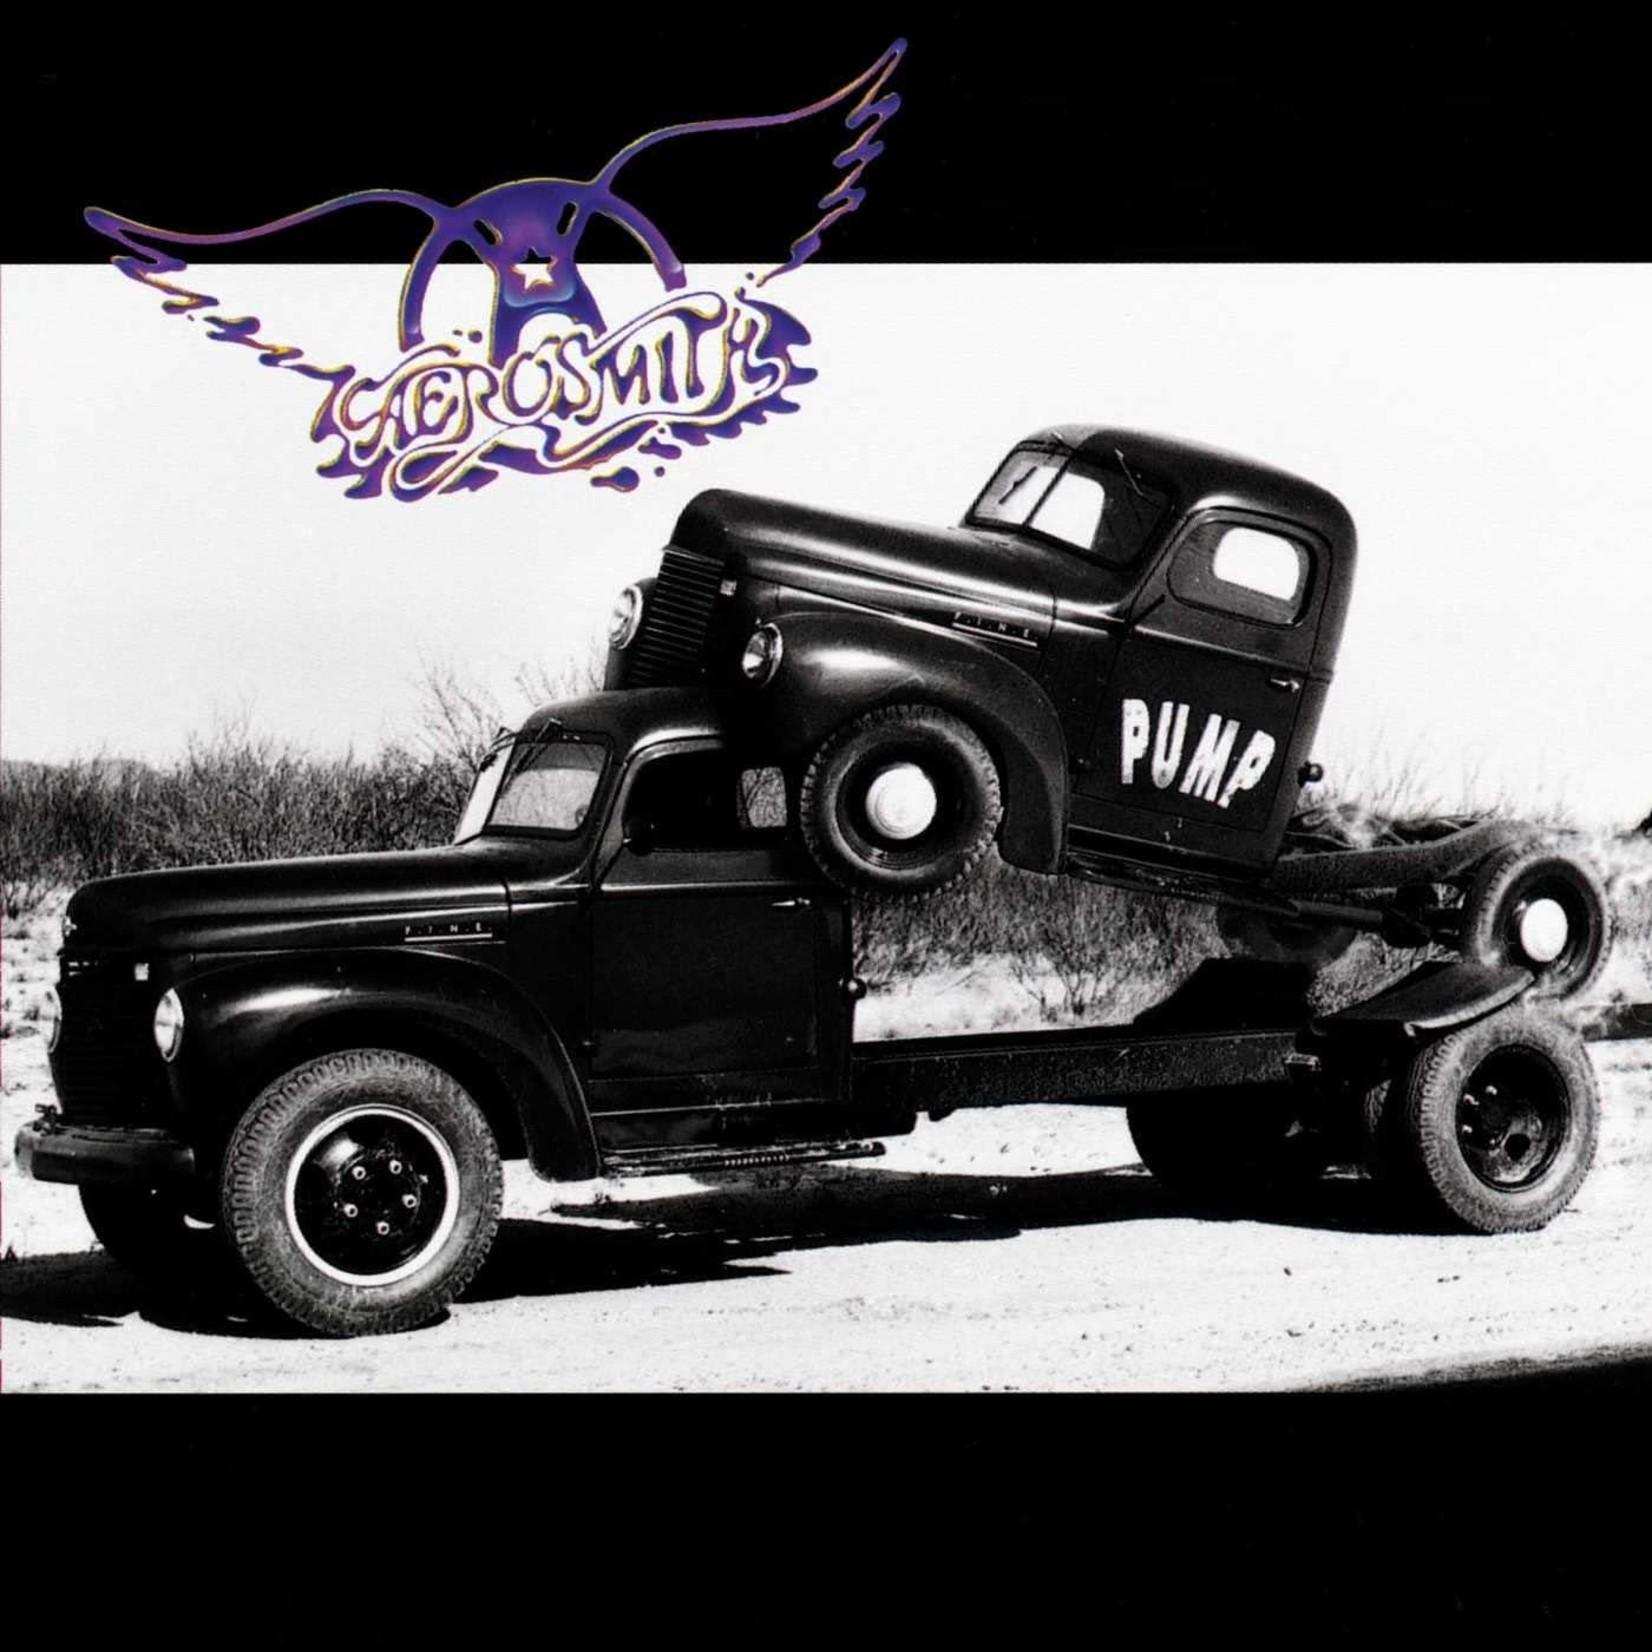 [Vintage] Aerosmith: Pump